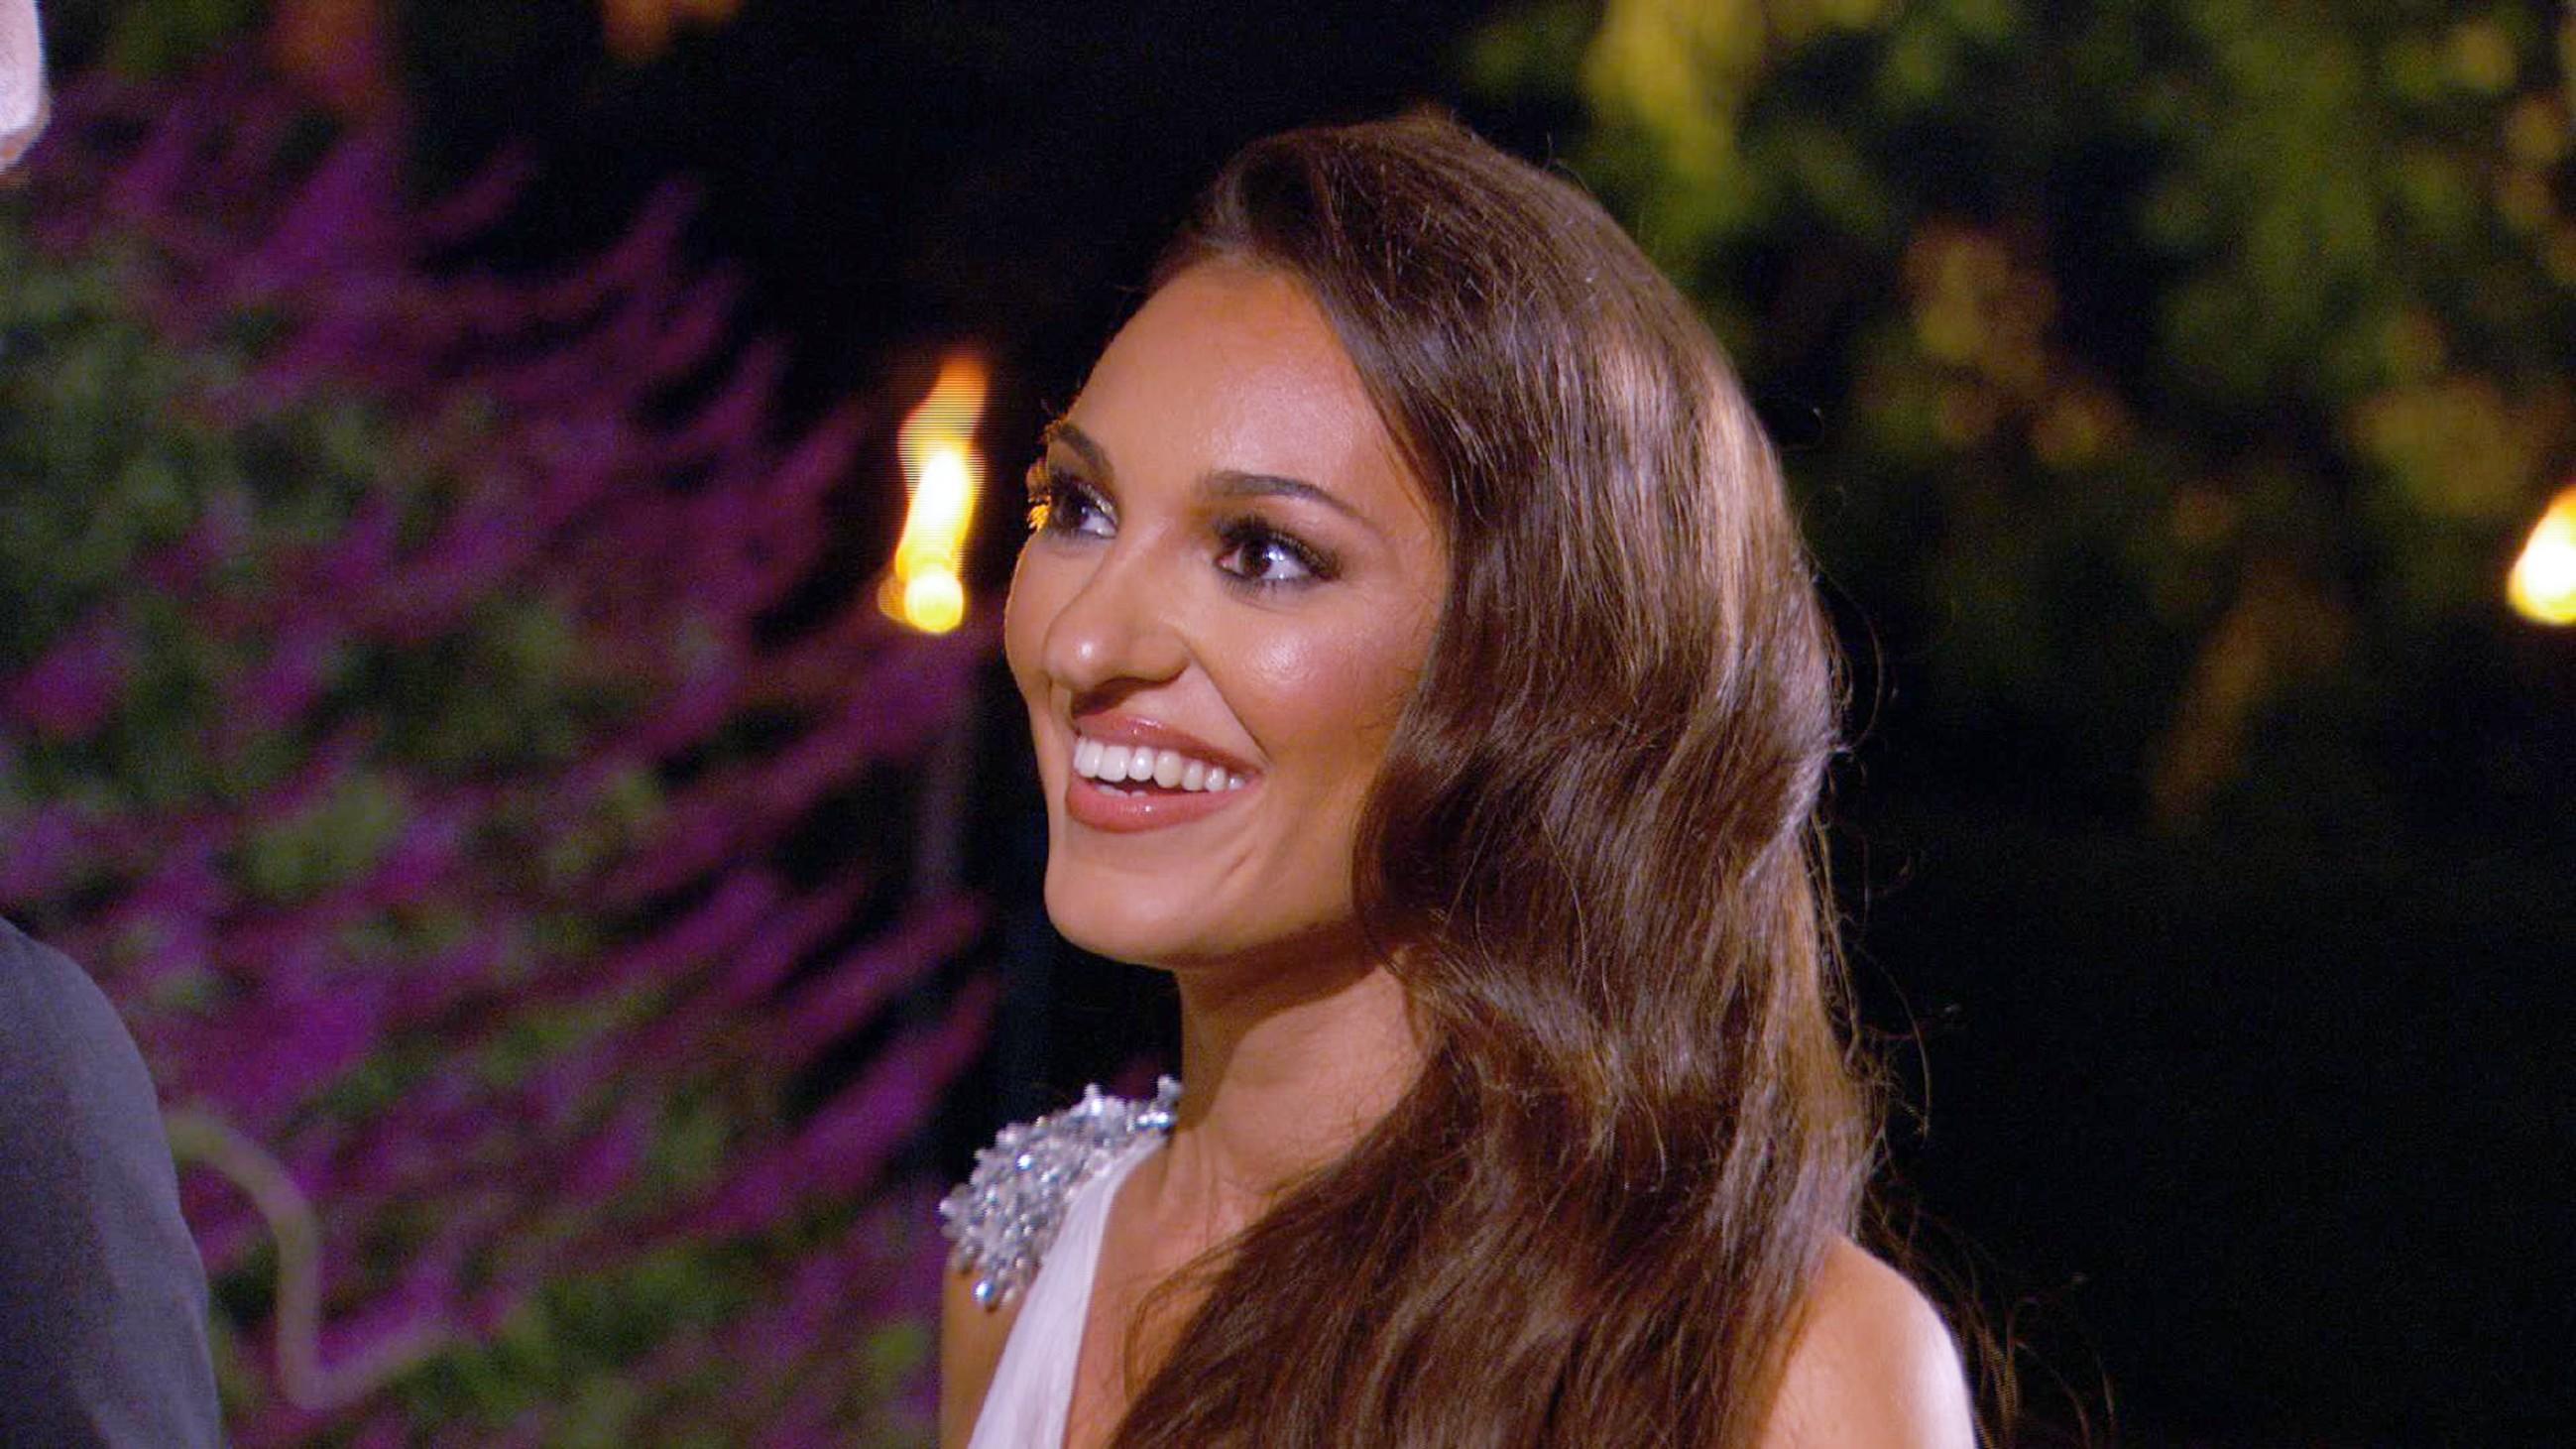 Der Bachelor 2015 - Folge 1 - Susanna